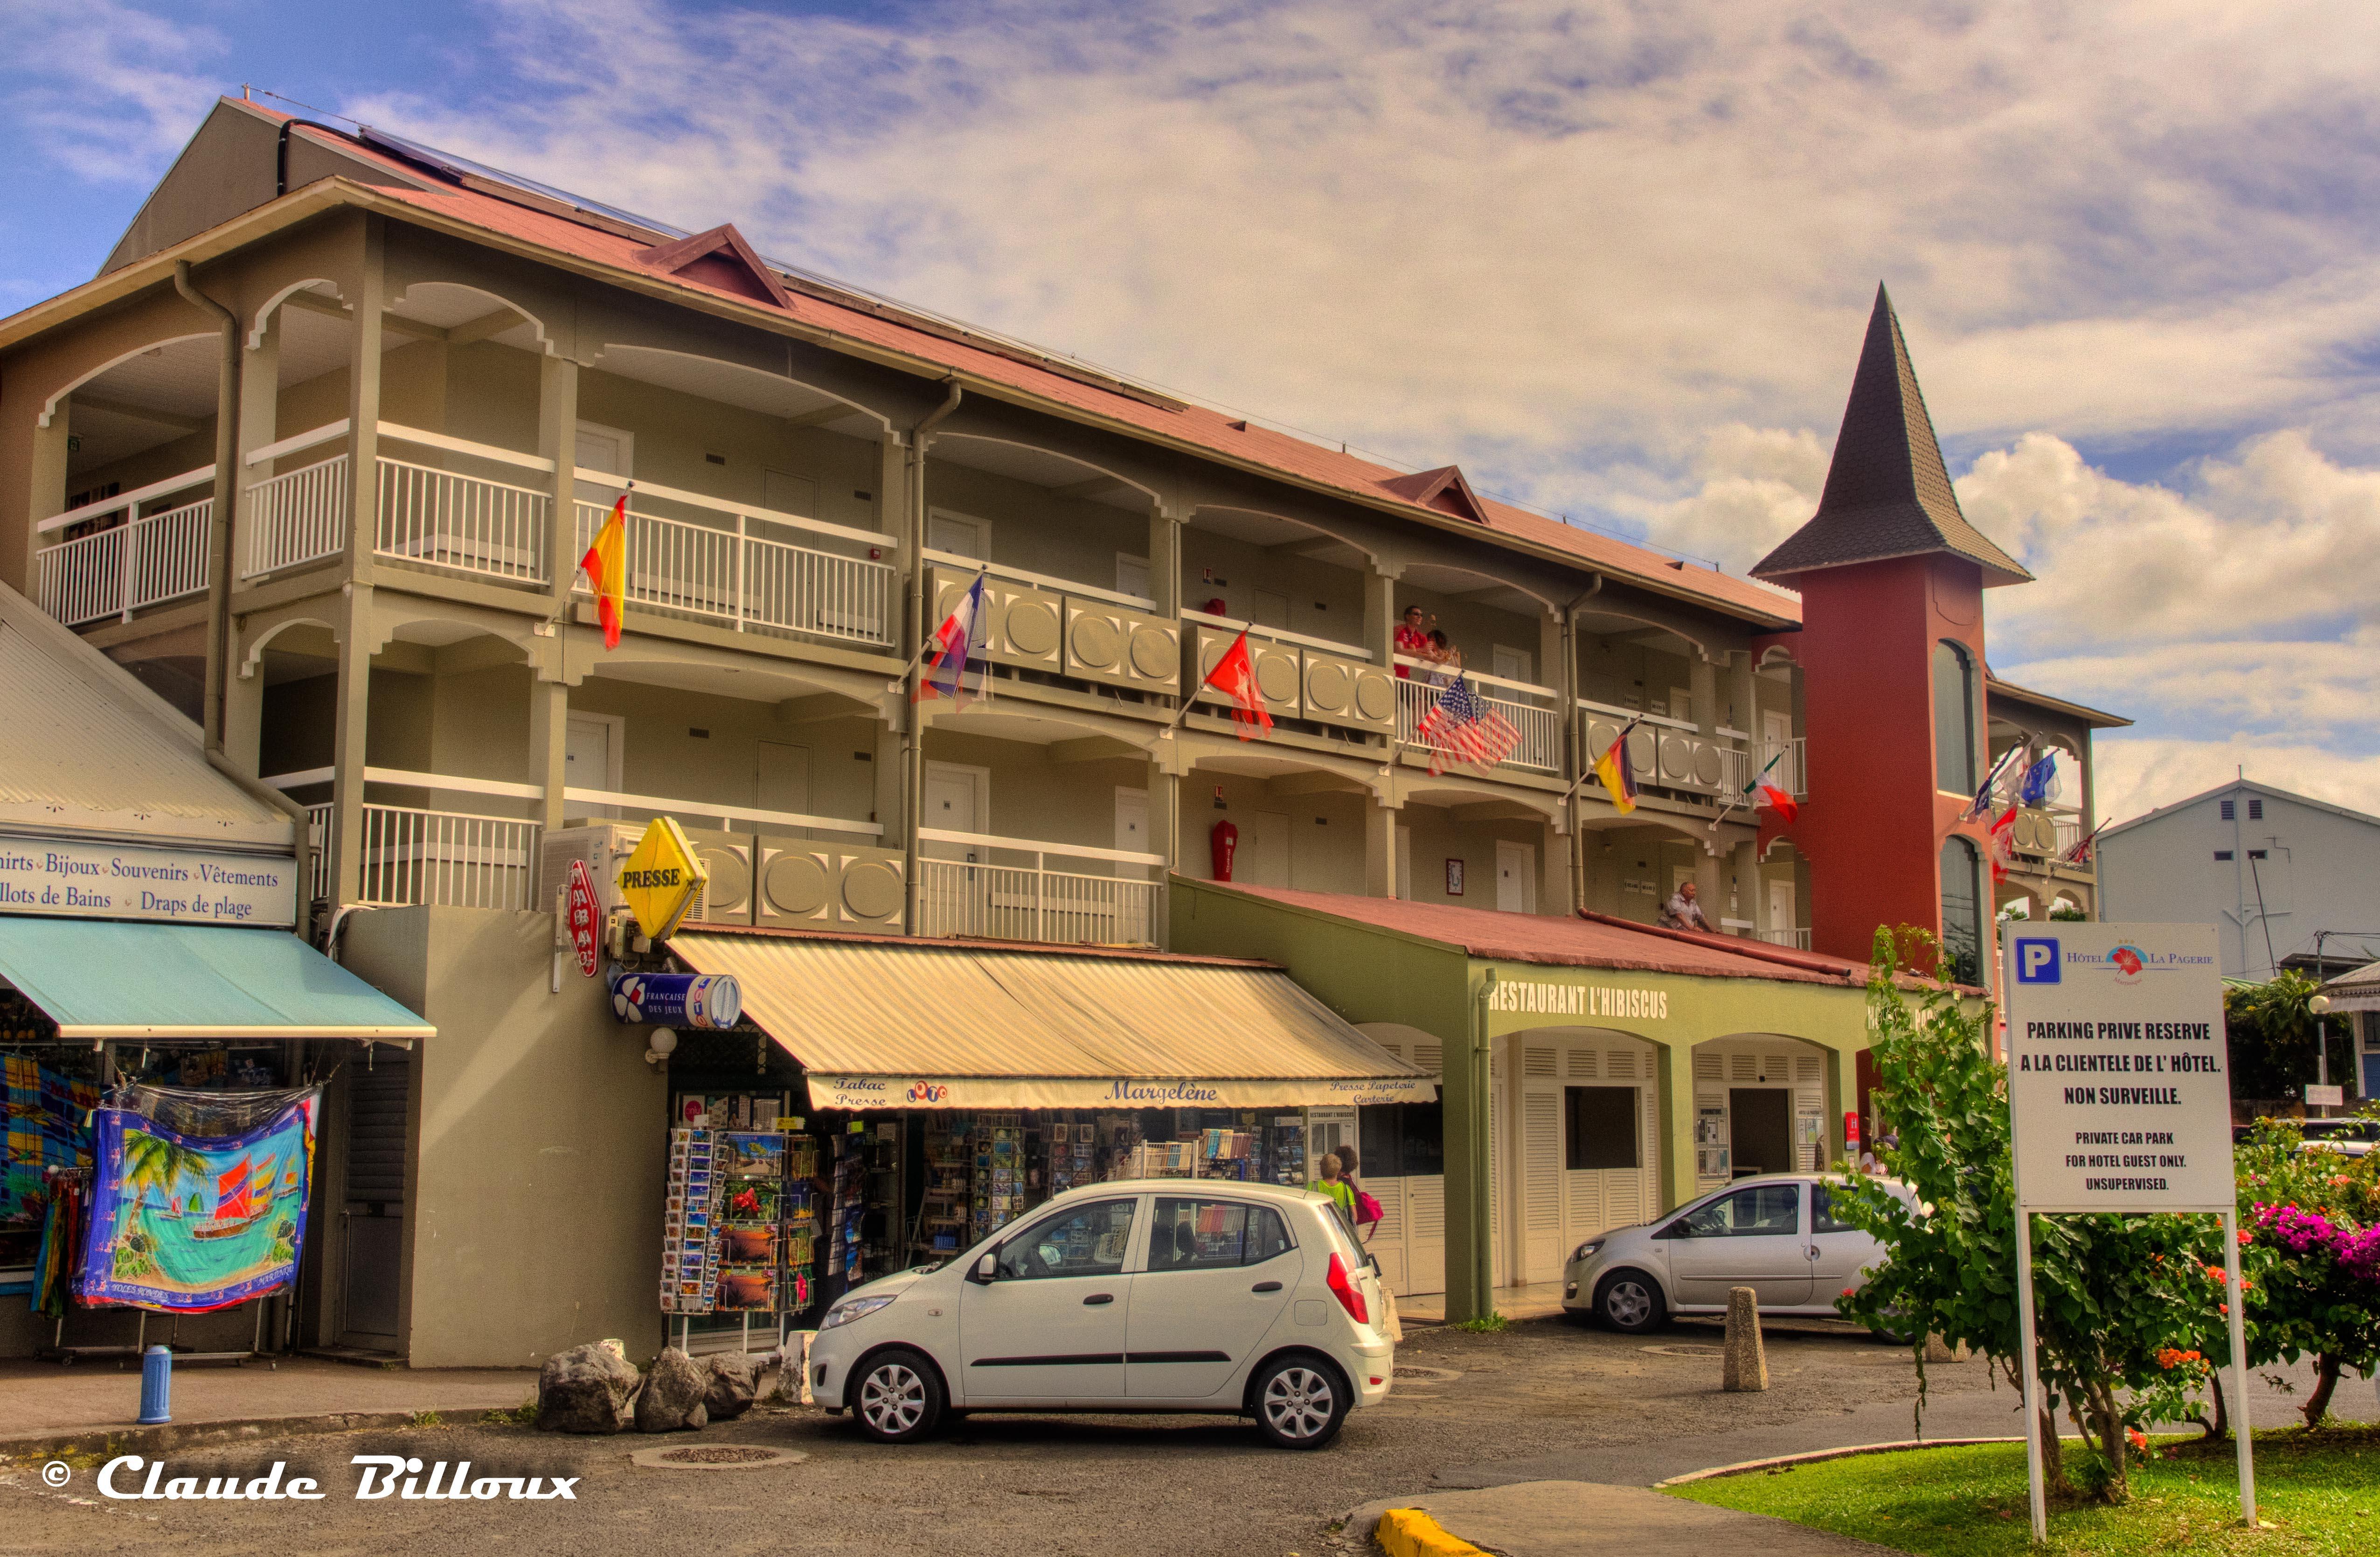 Martinique_0033_4_5_tonemapped.jpg